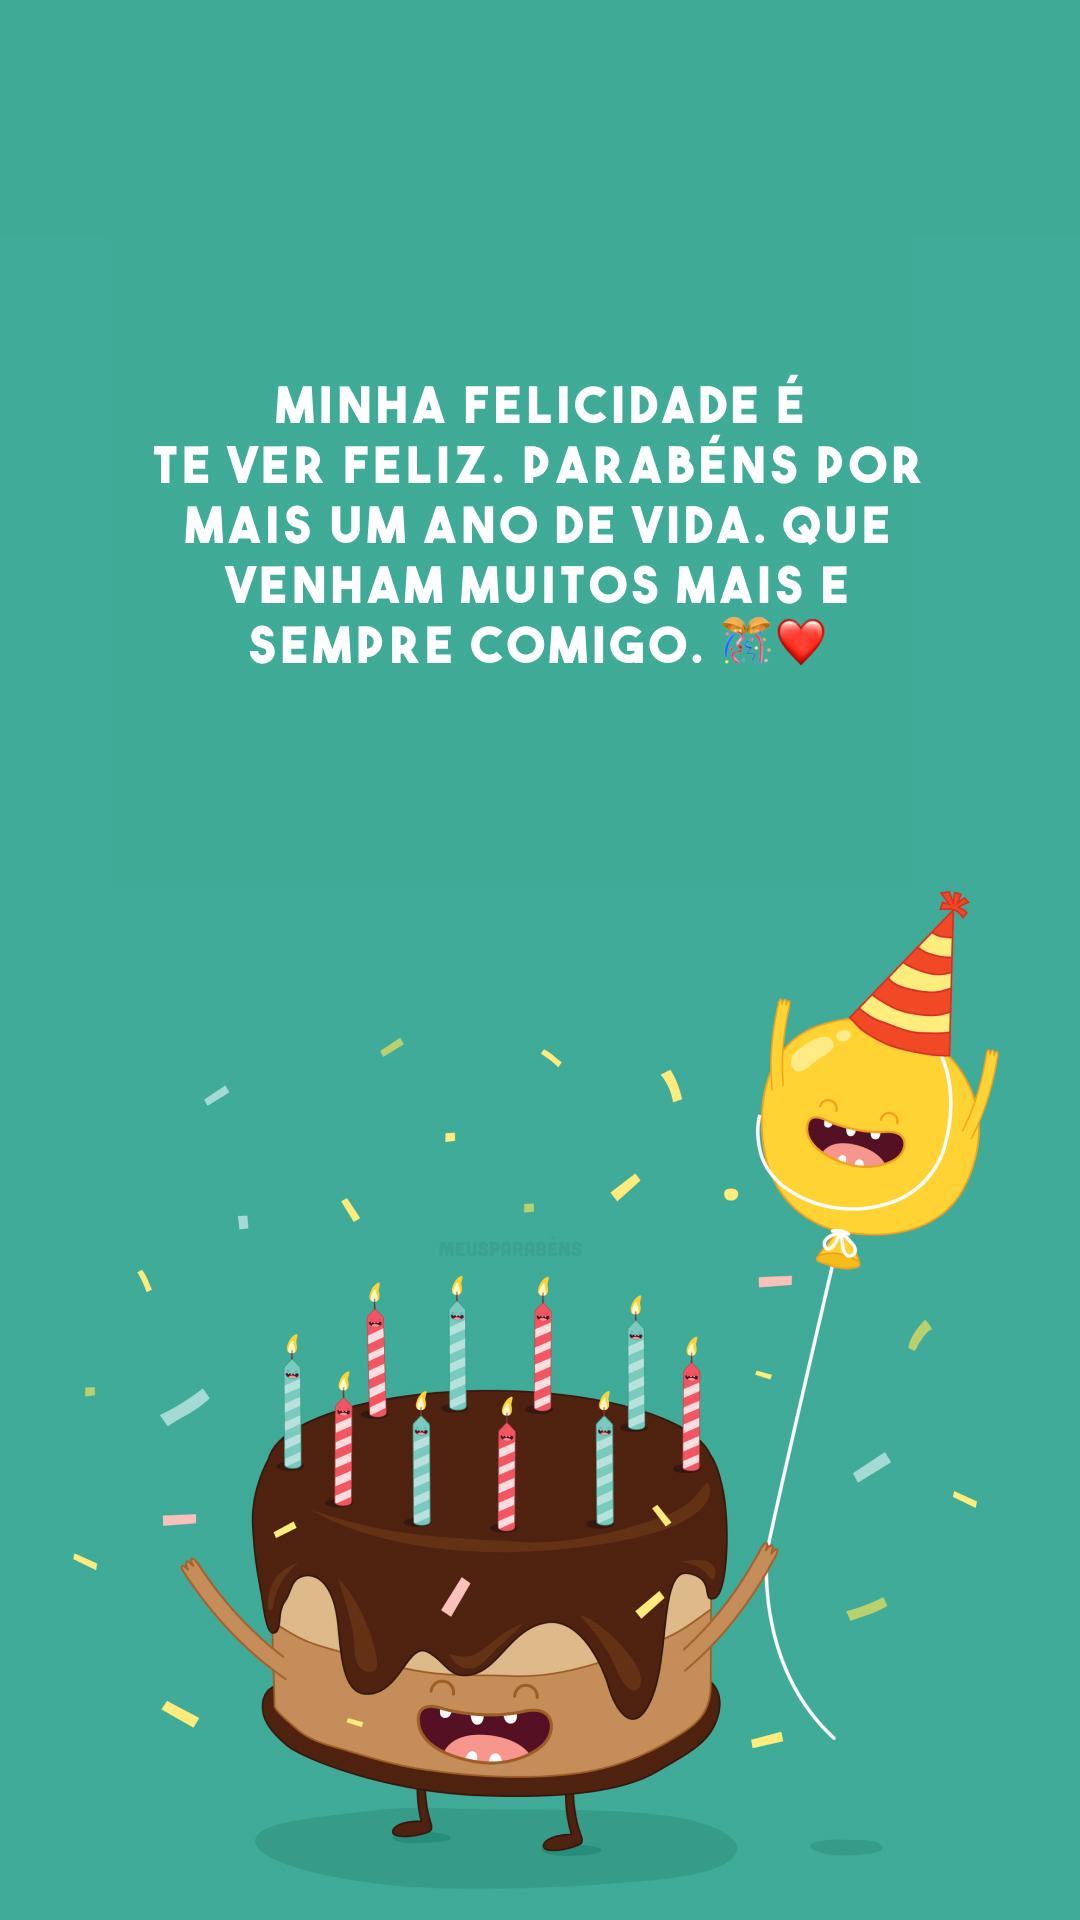 Minha felicidade é te ver feliz. Parabéns por mais um ano de vida. Que venham muitos mais e sempre comigo. 🎊❤️